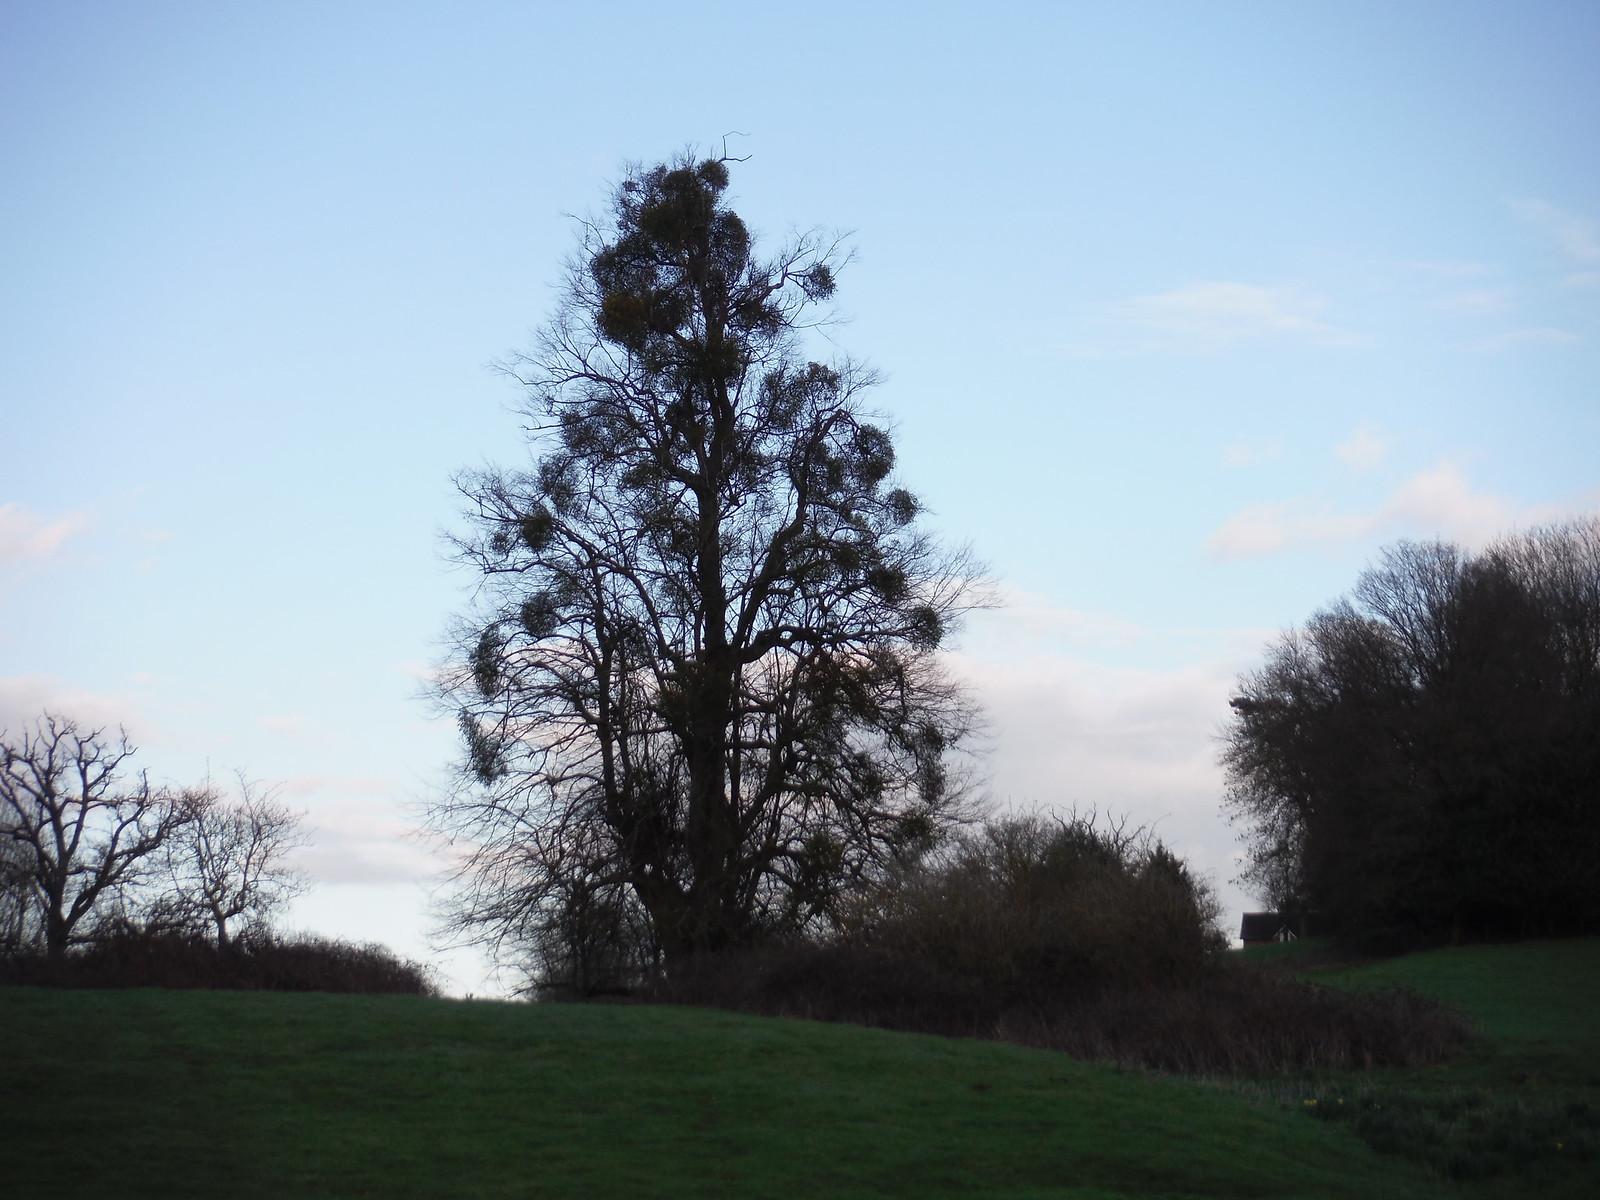 Tree in Midgham Park SWC Walk 117 Aldermaston to Woolhampton (via Stanford Dingley)